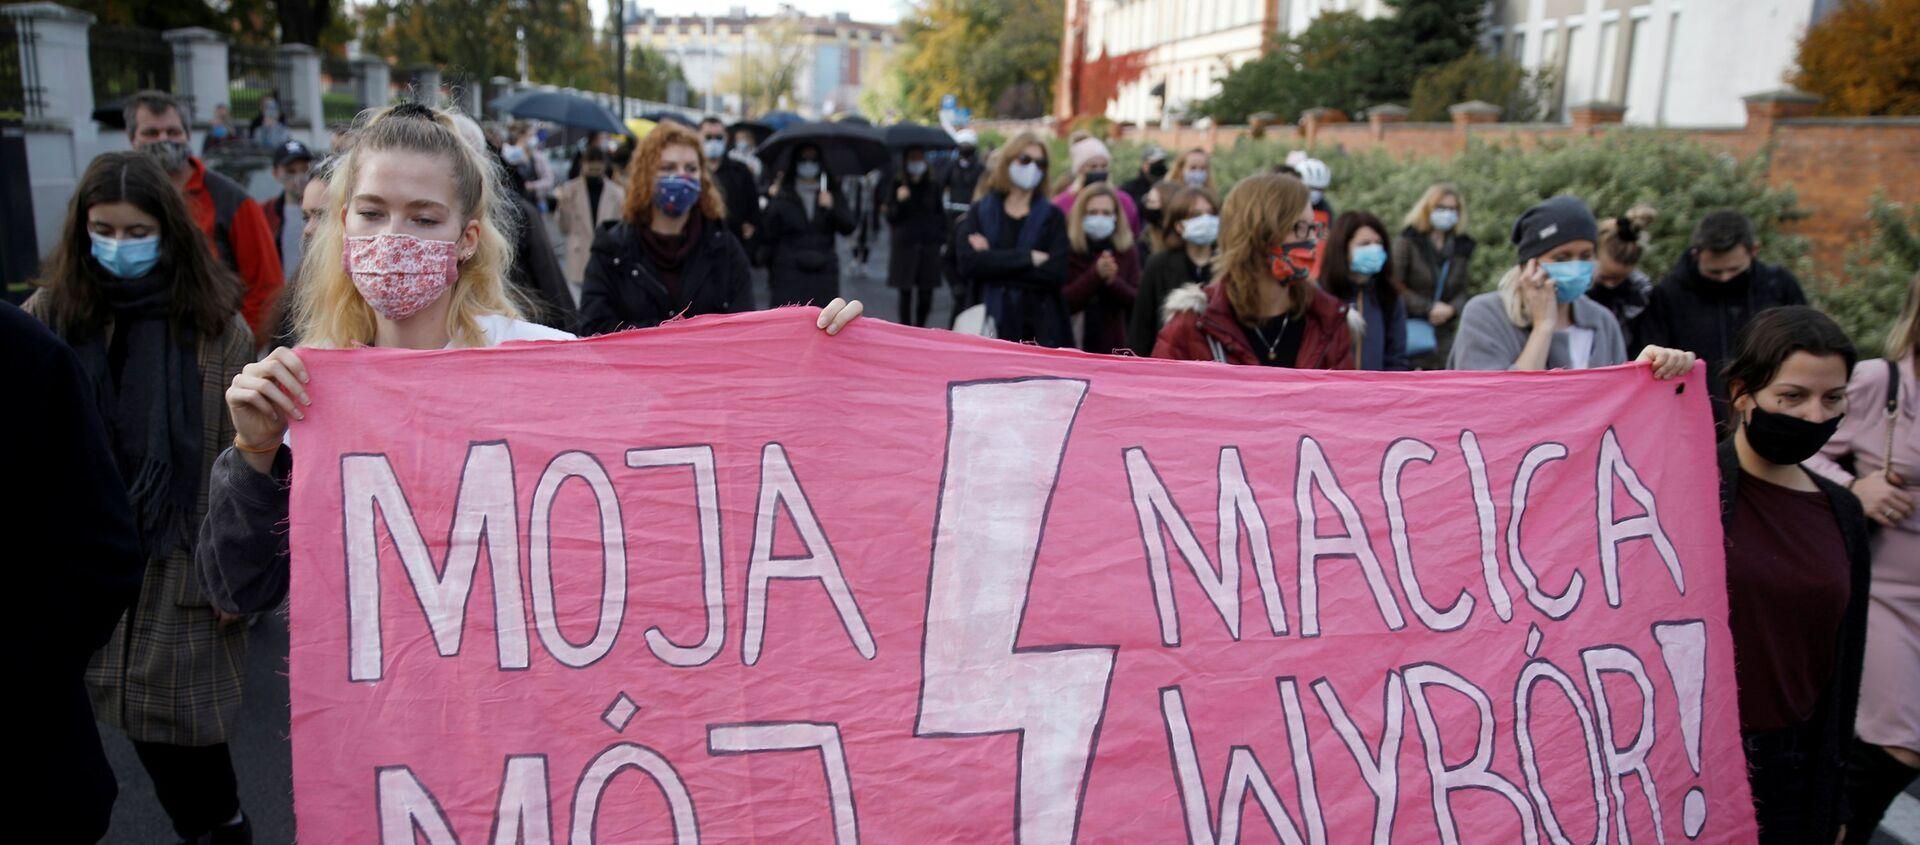 Protesty przeciwko zaostrzeniu przepisów dotyczących aborcji w Polsce, Gdańsk - Sputnik Polska, 1920, 06.11.2020